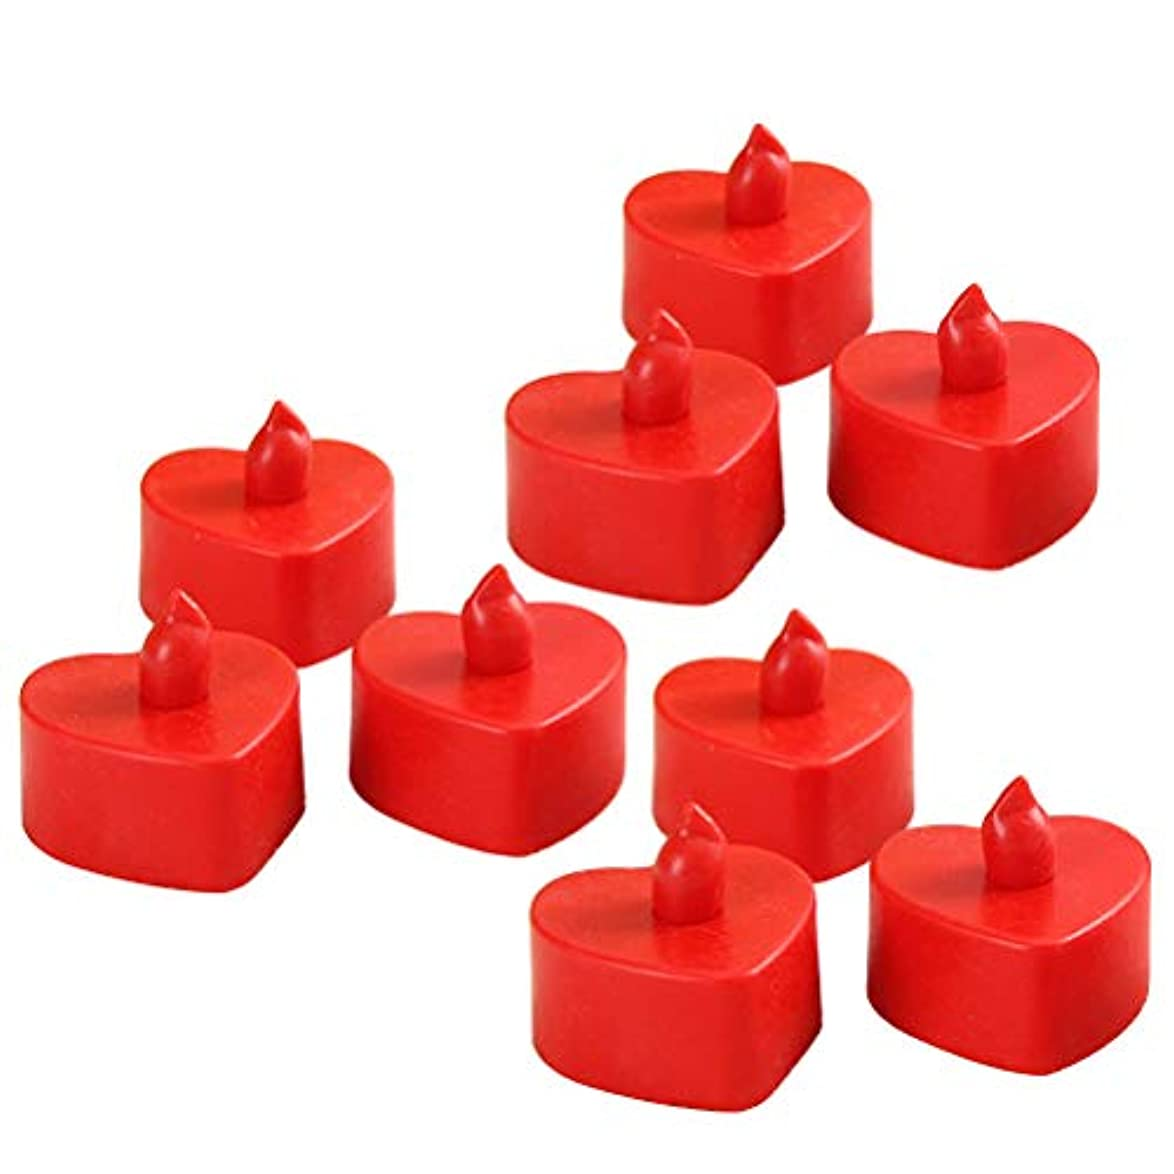 発掘ビーム立証するBESTOYARD 10個無炎キャンドルバッテリーは、キャンドルウェディングパーティフェスティバルの装飾(赤いシェルの赤い光)